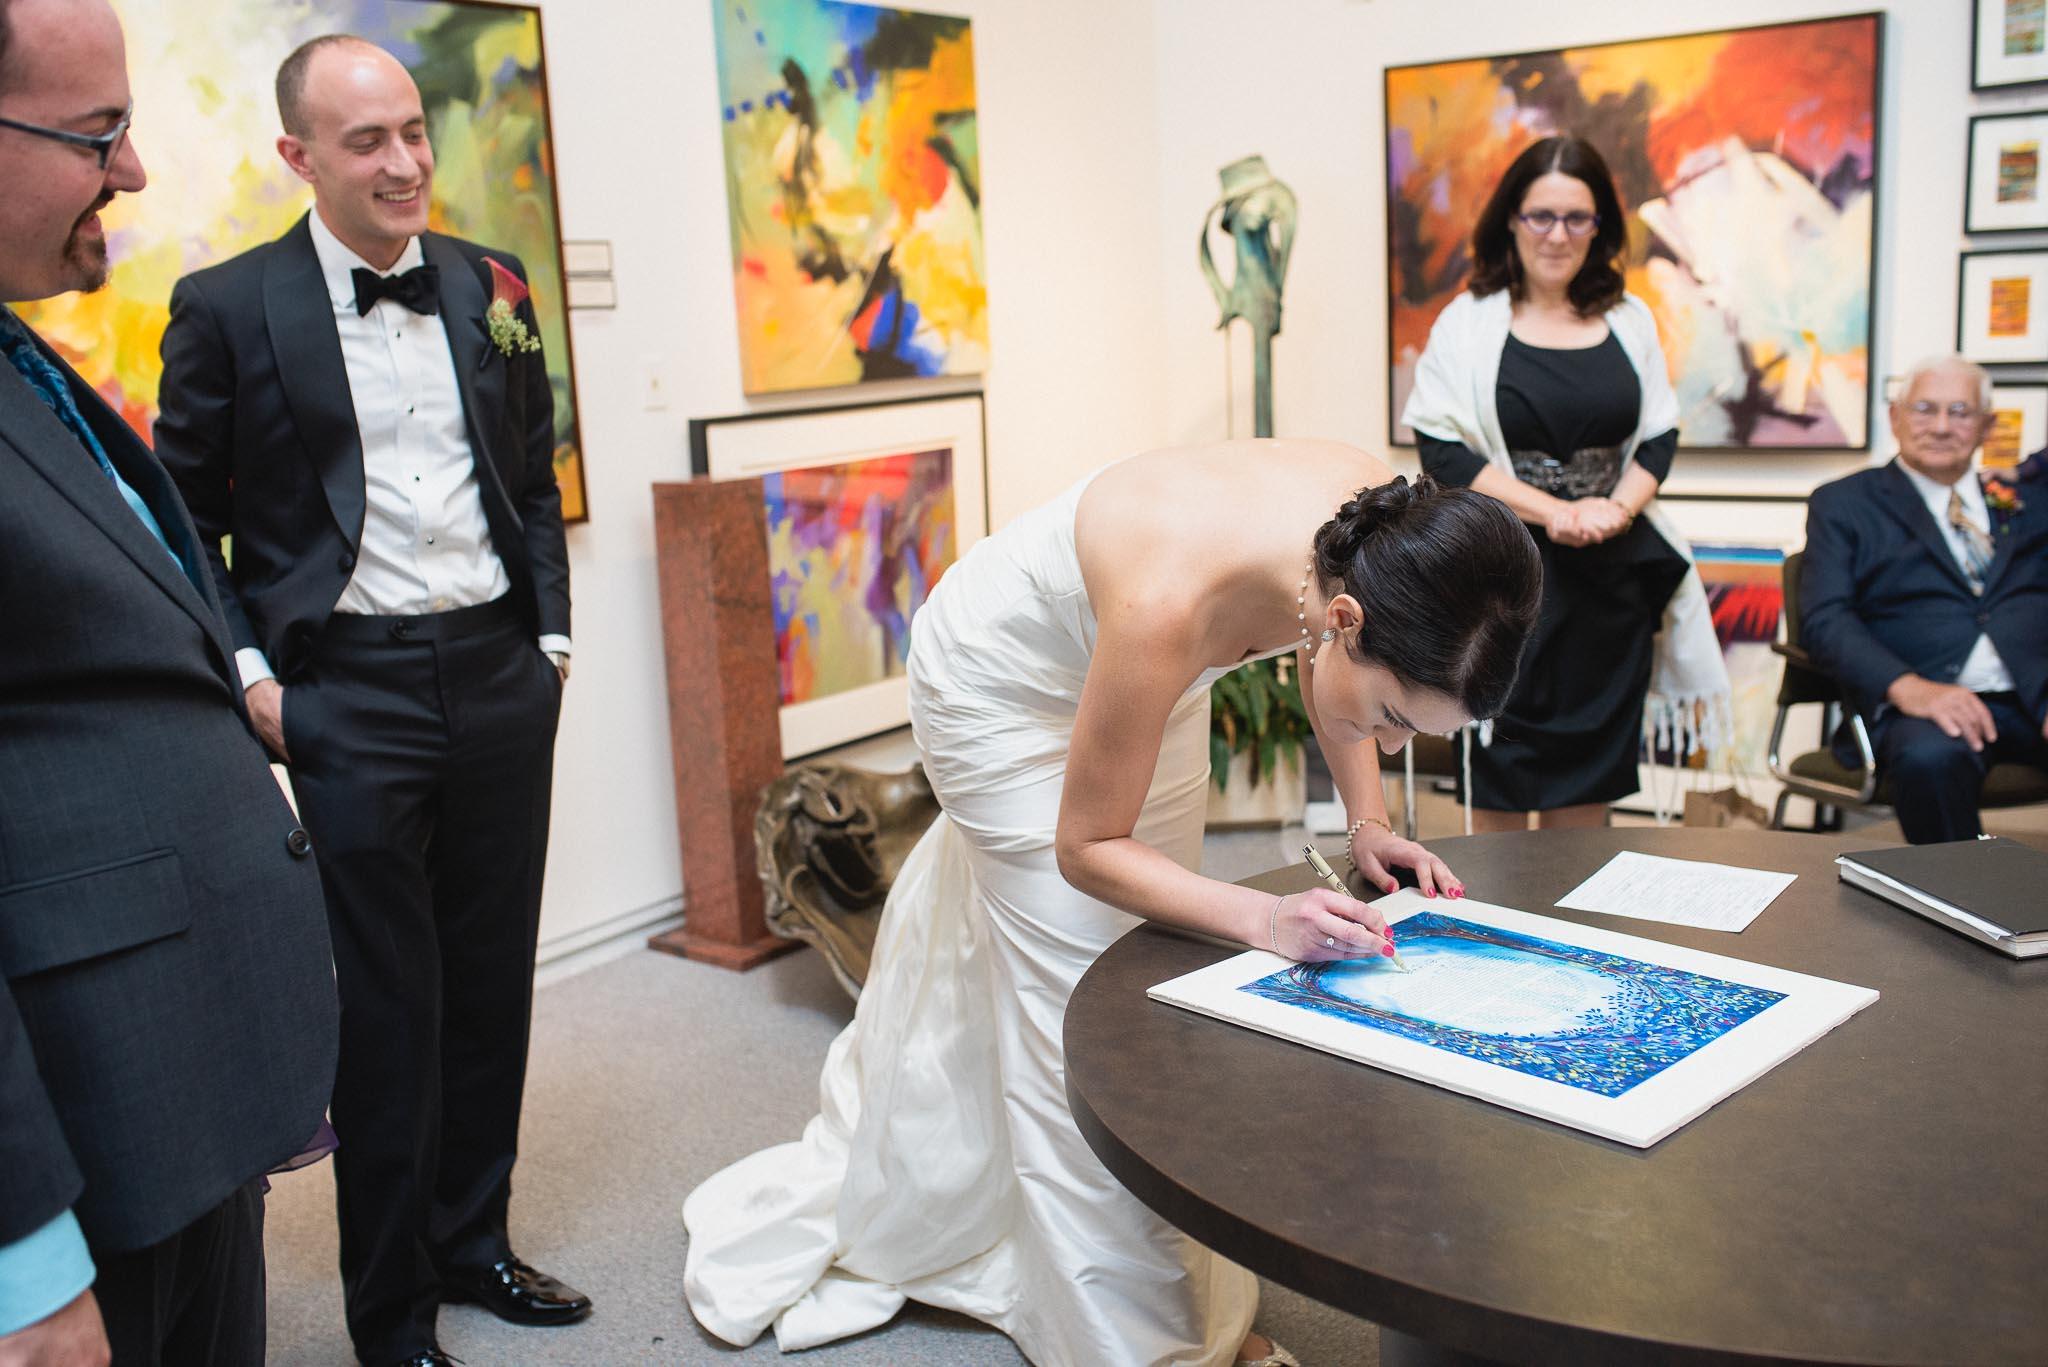 Liz-and-Harry-Ketubah-Signing-15.jpg